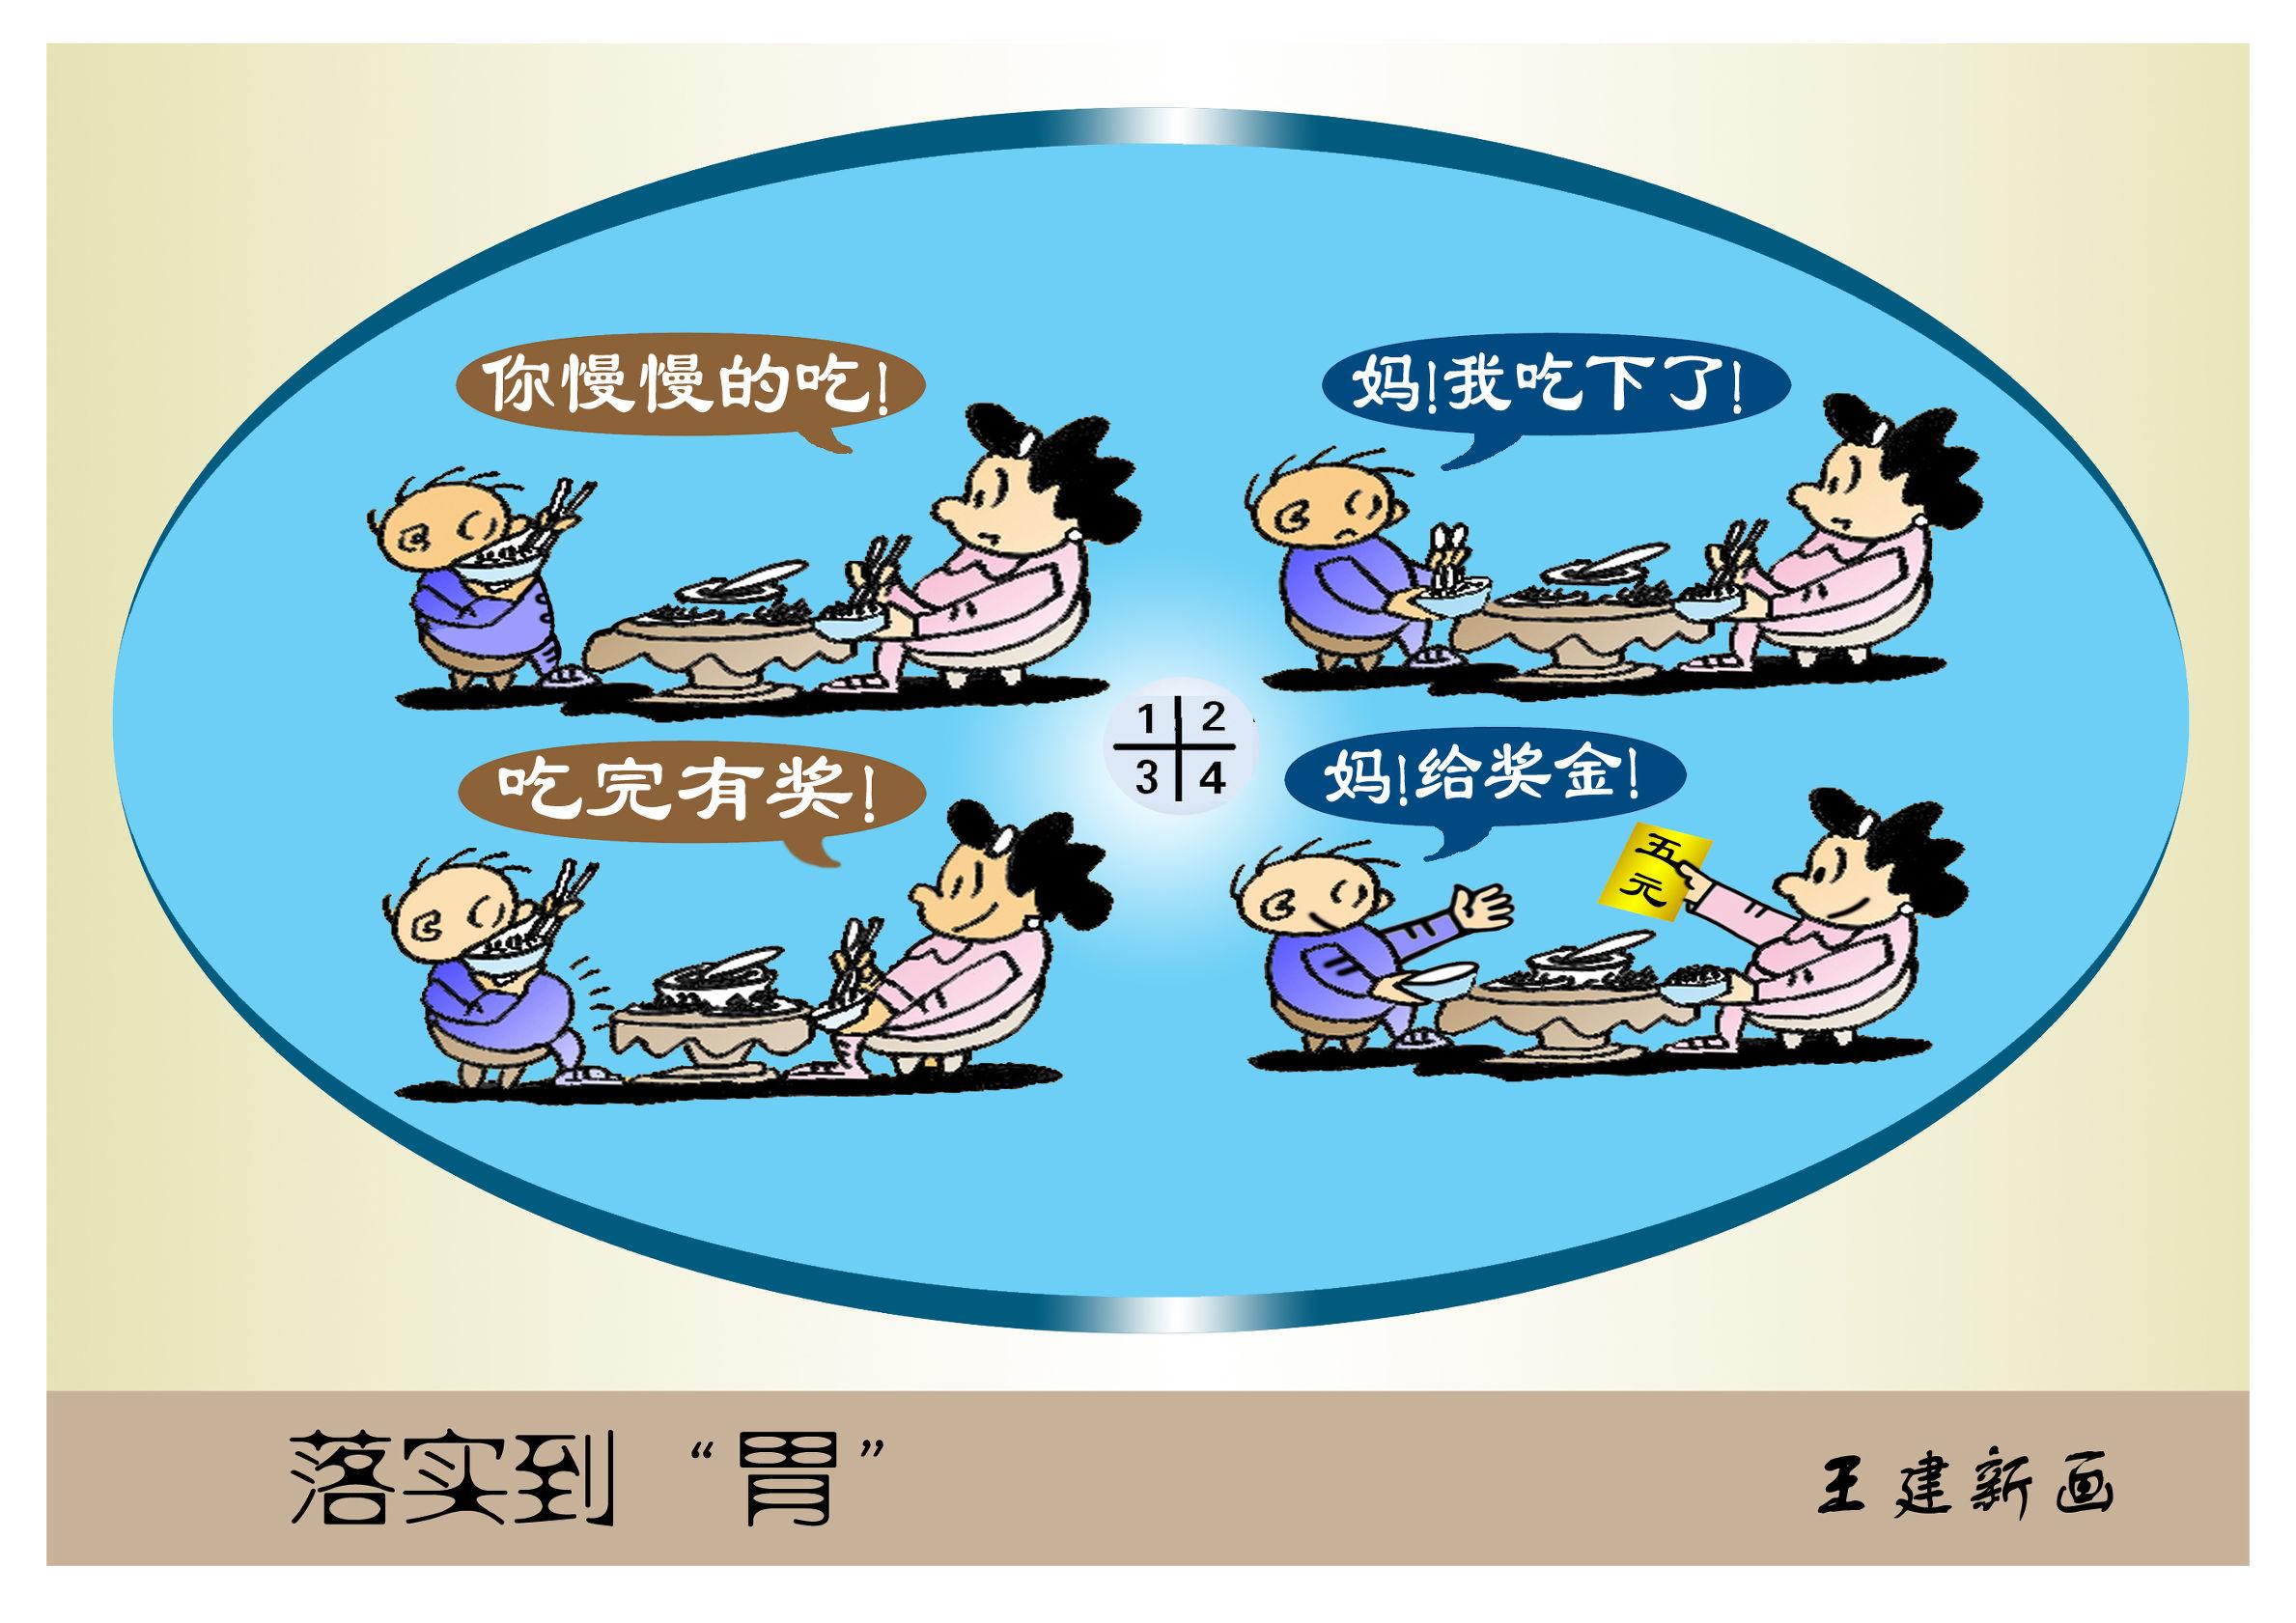 天天漫画网:王建新漫画《五彩斑斓的无声语言》